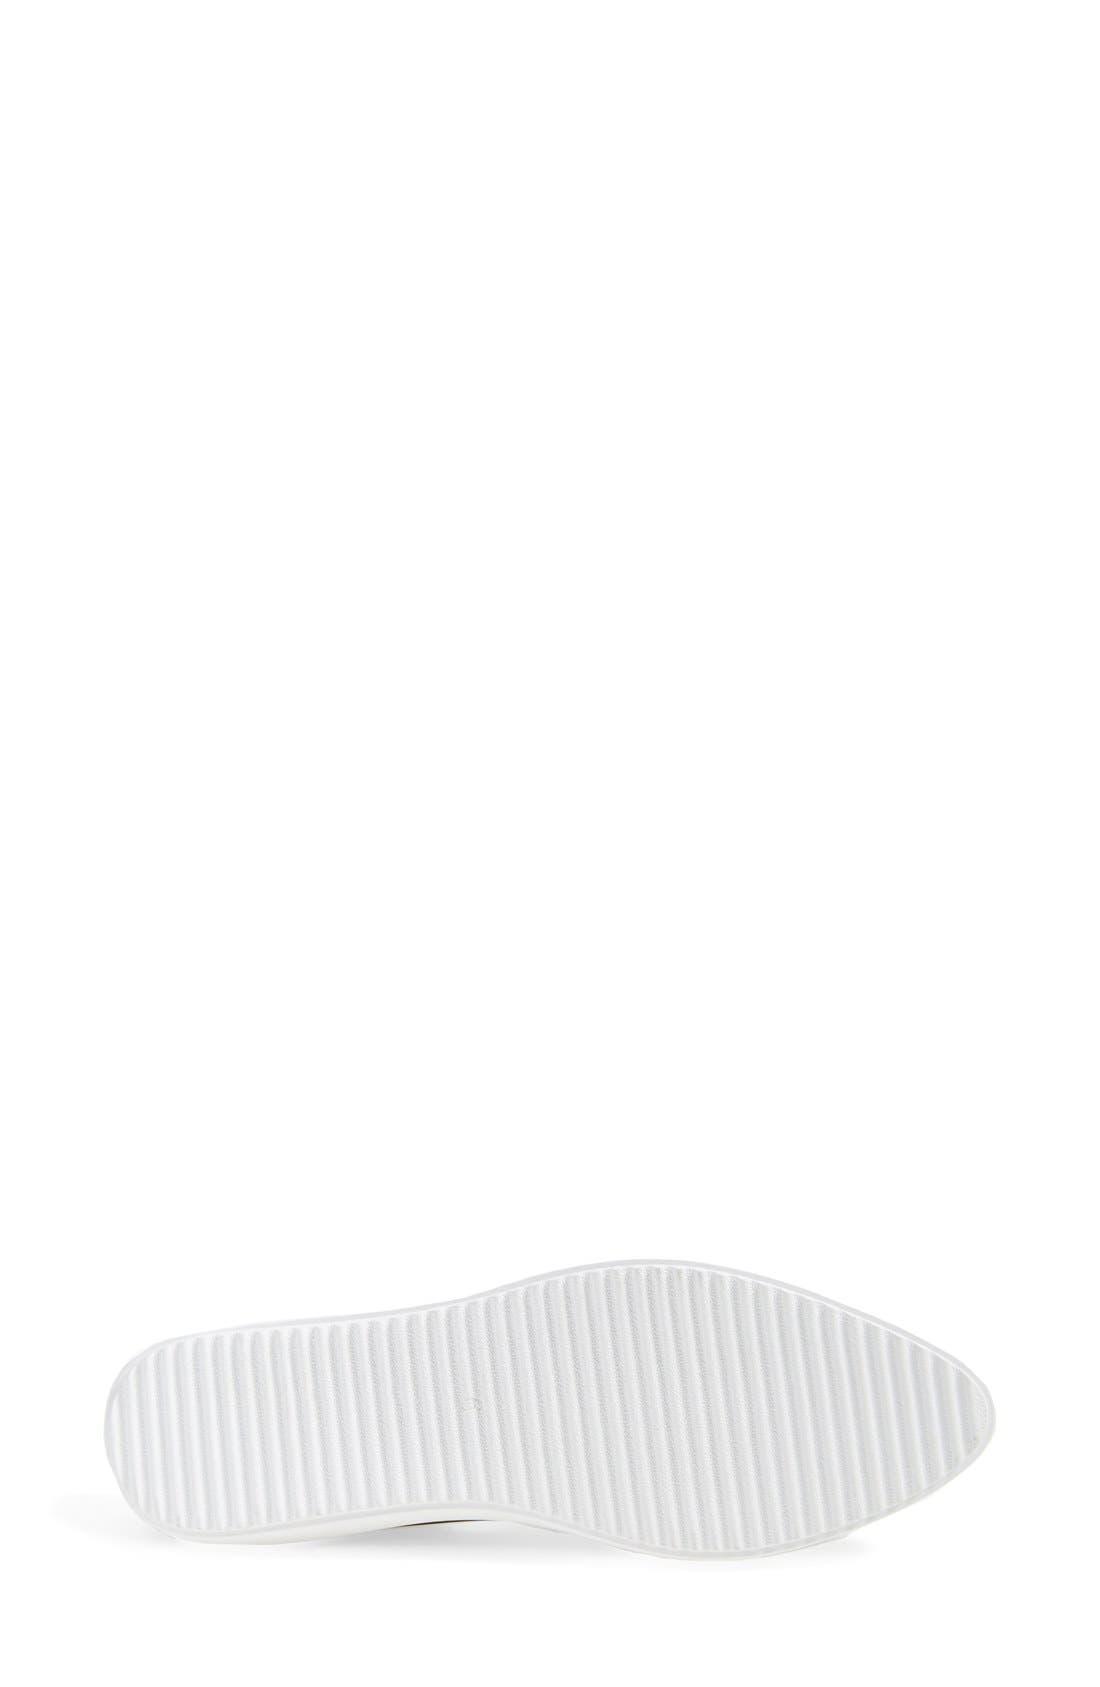 'Dibbie' Slip-On Sneaker,                             Alternate thumbnail 3, color,                             001